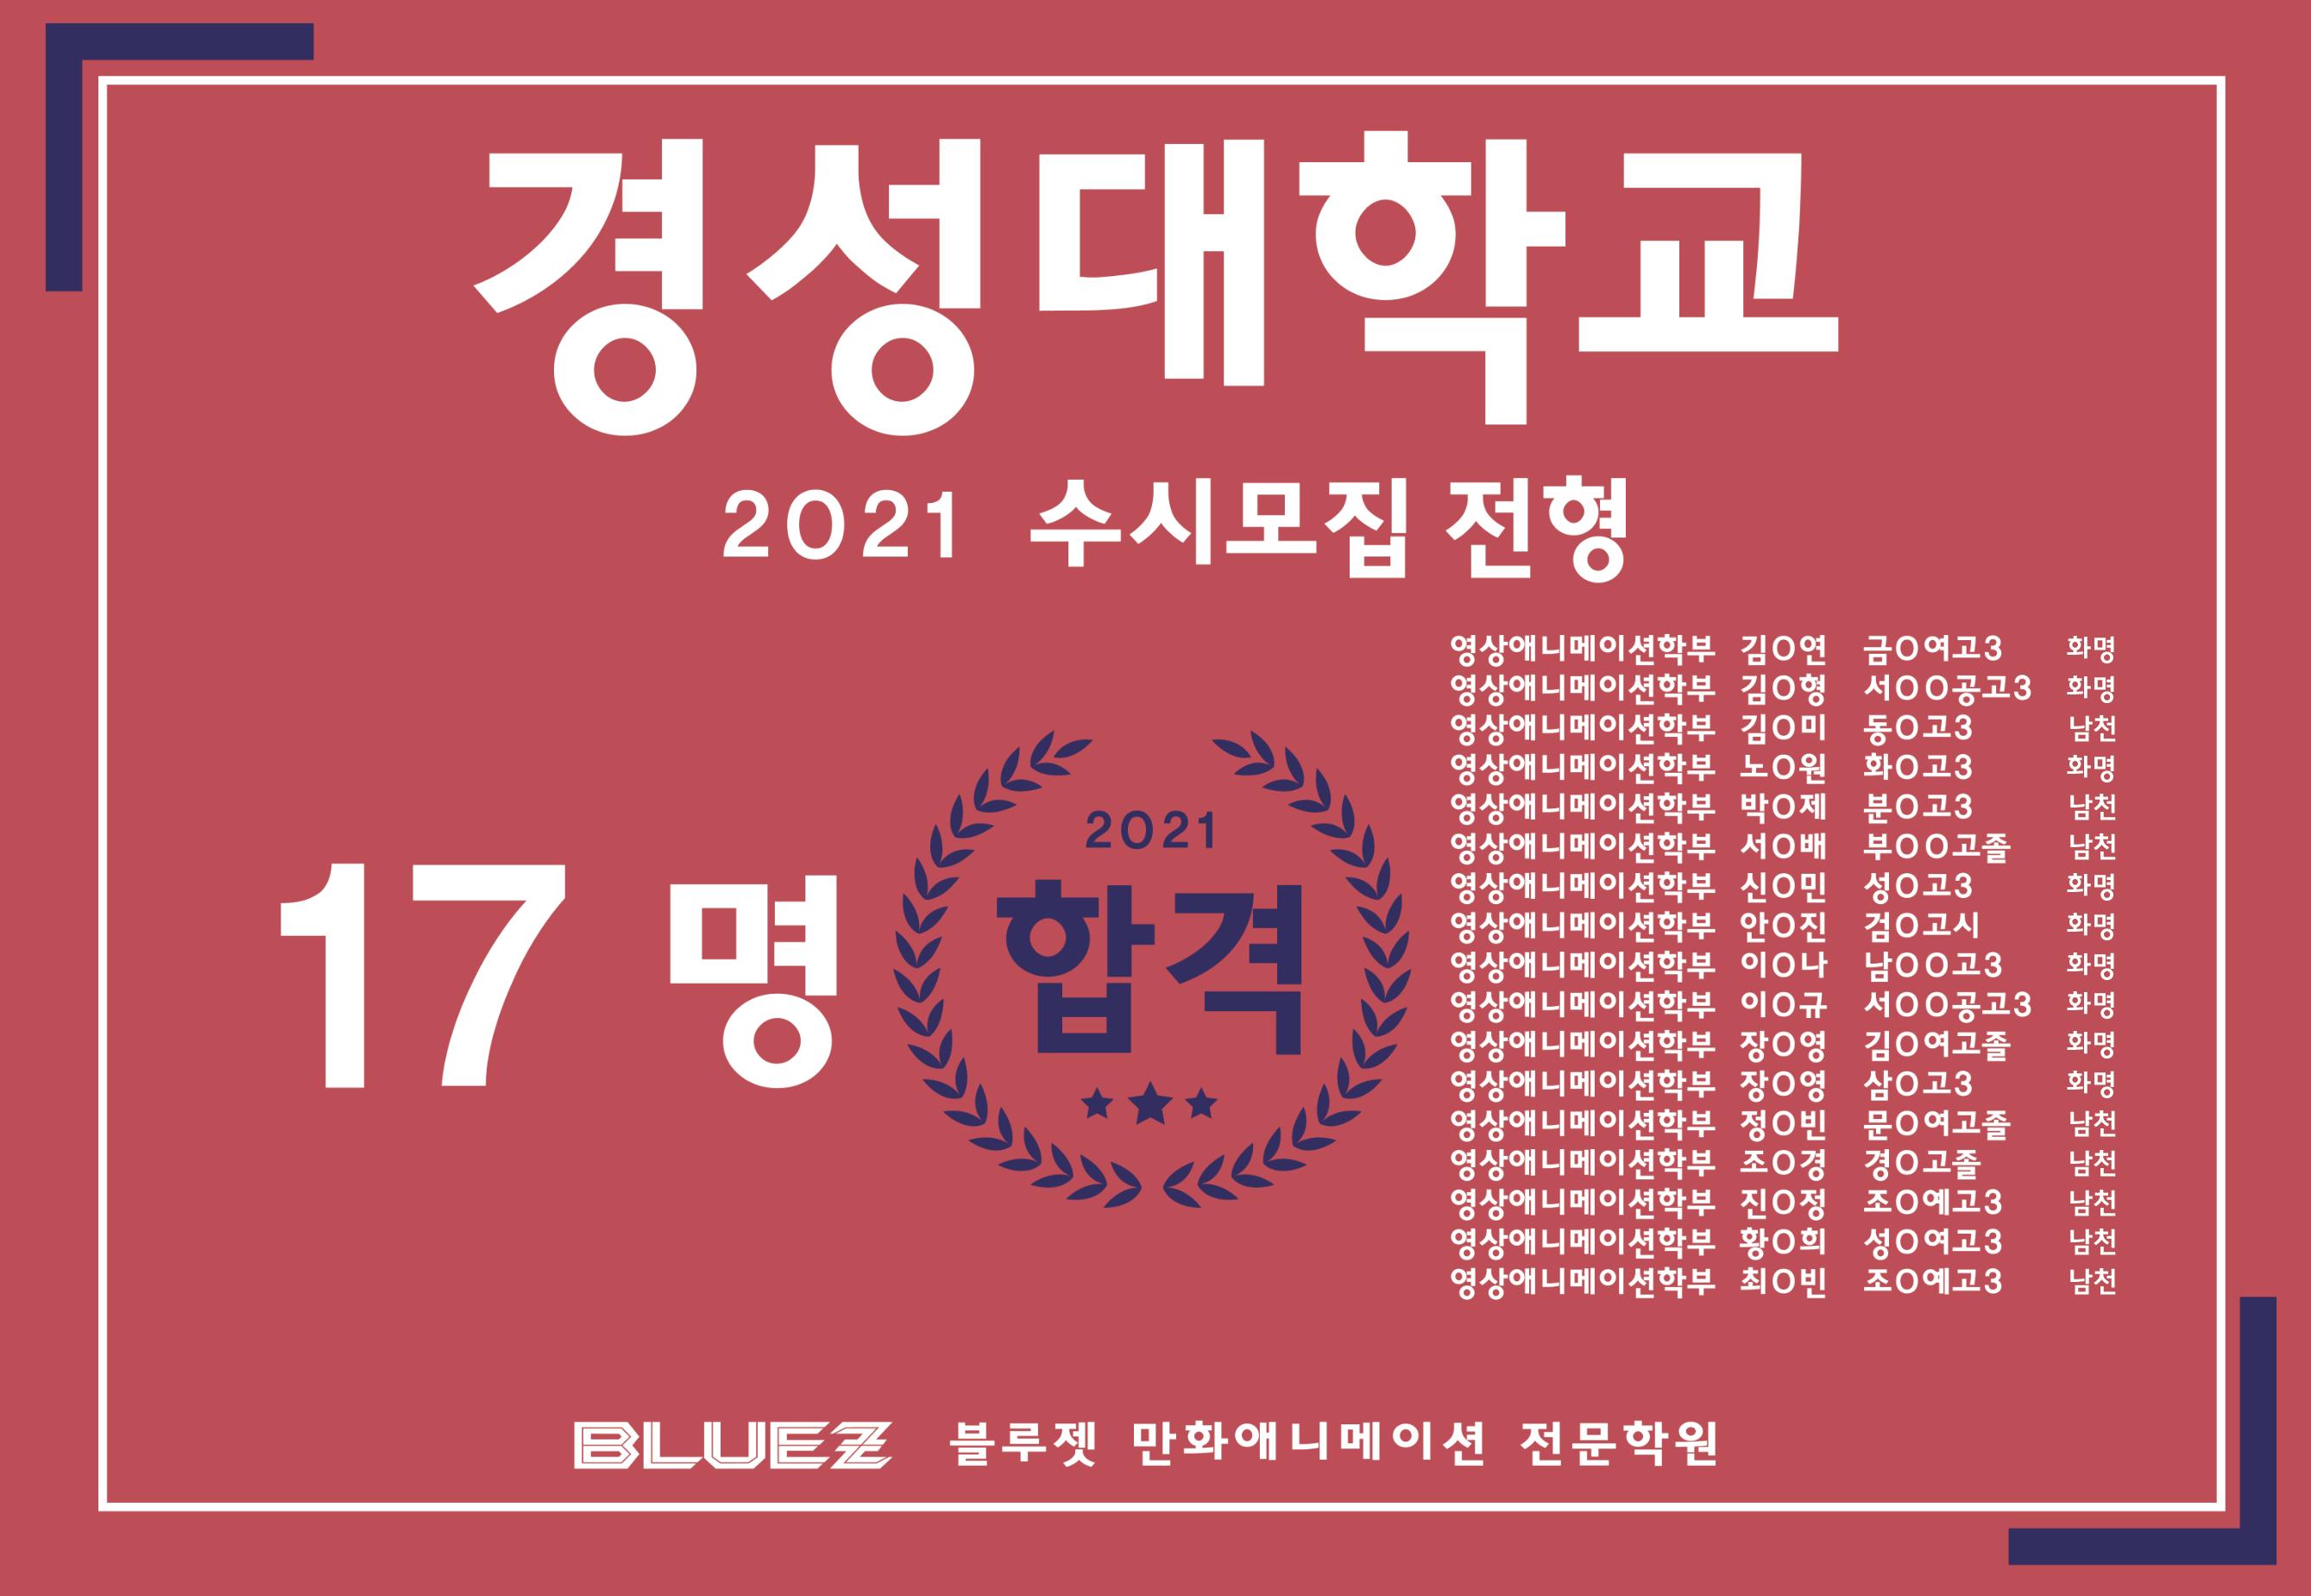 2021 경성대 수시합격 축하합니다